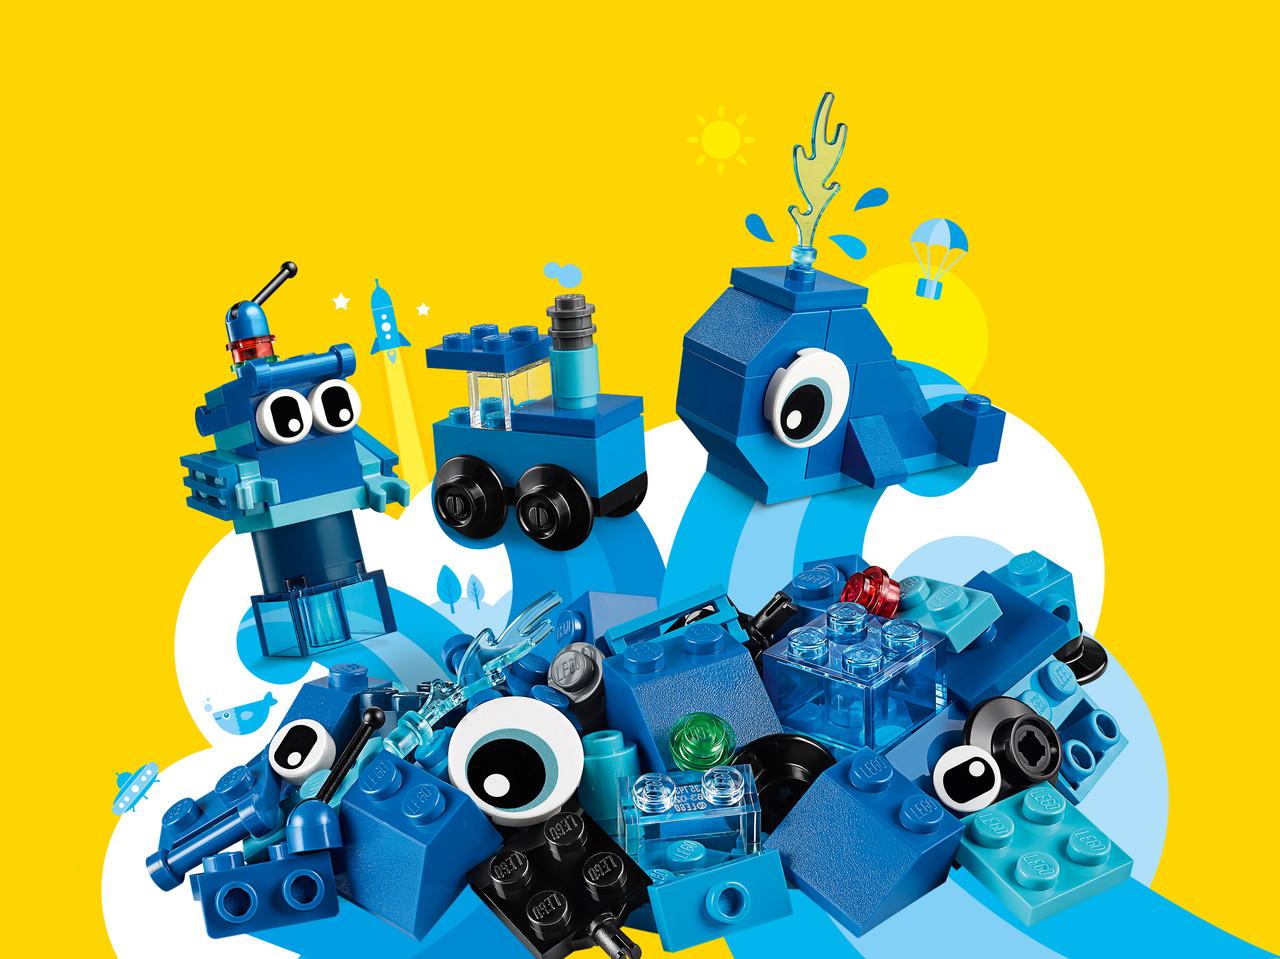 LEGO Classic 11006 Синий набор для конструирования, конструктор ЛЕГО - фото 1